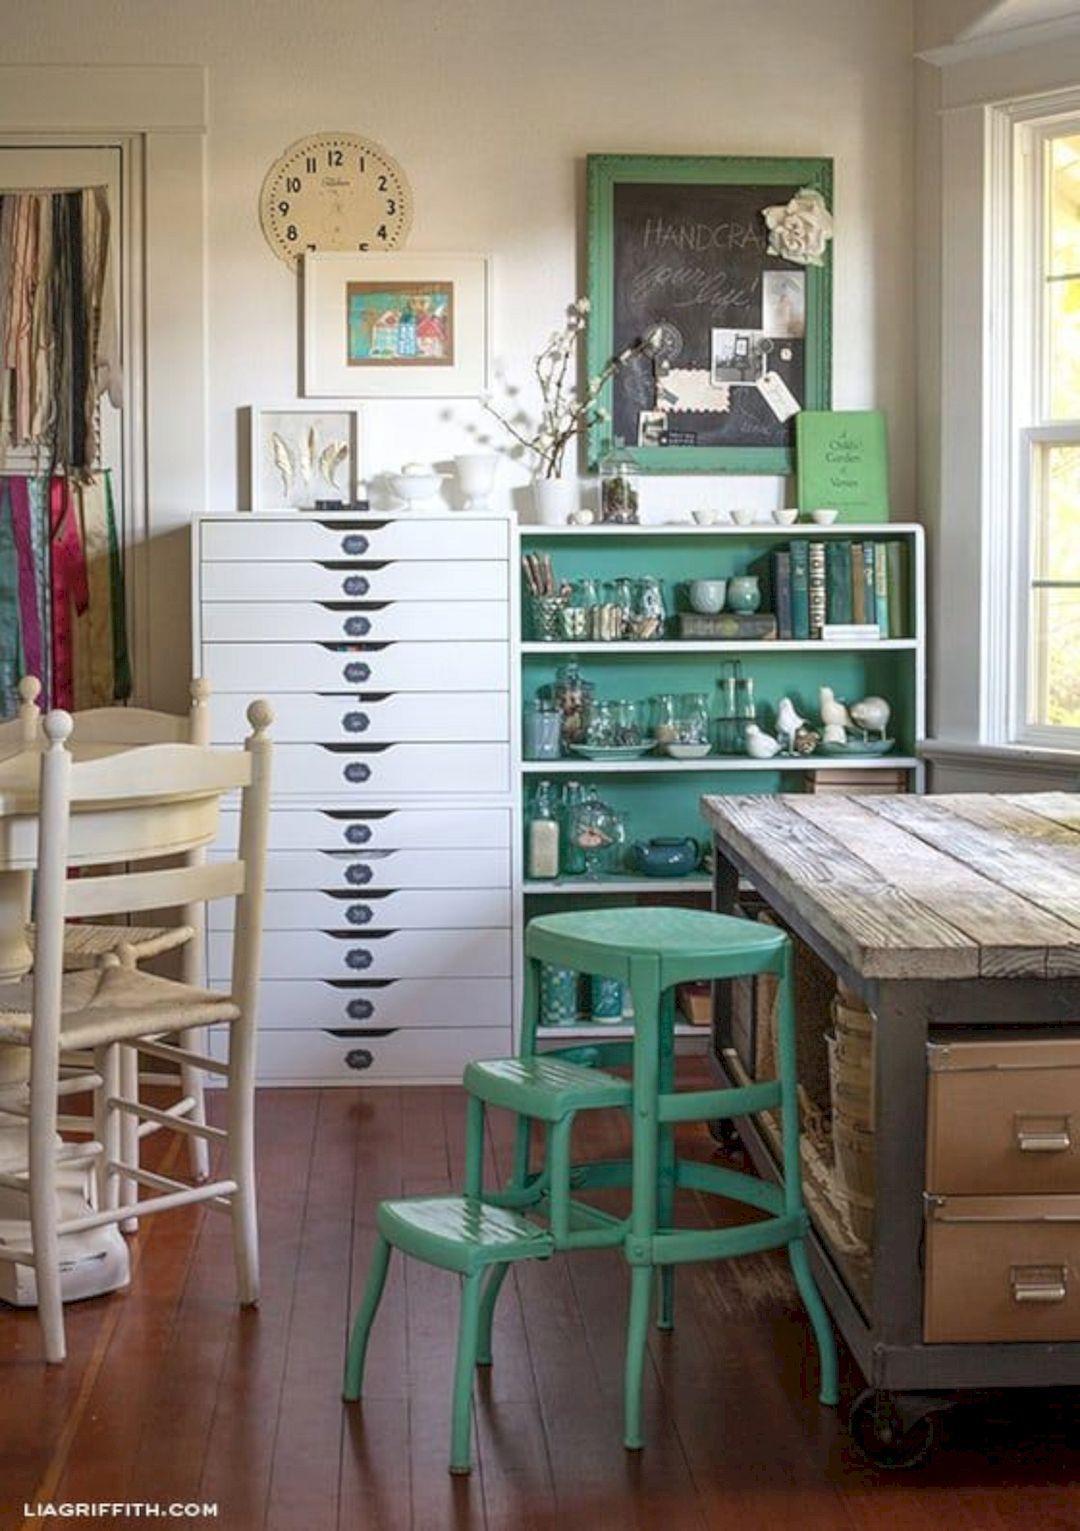 craft room furniture ideas. Craft Room Furniture Ideas 6